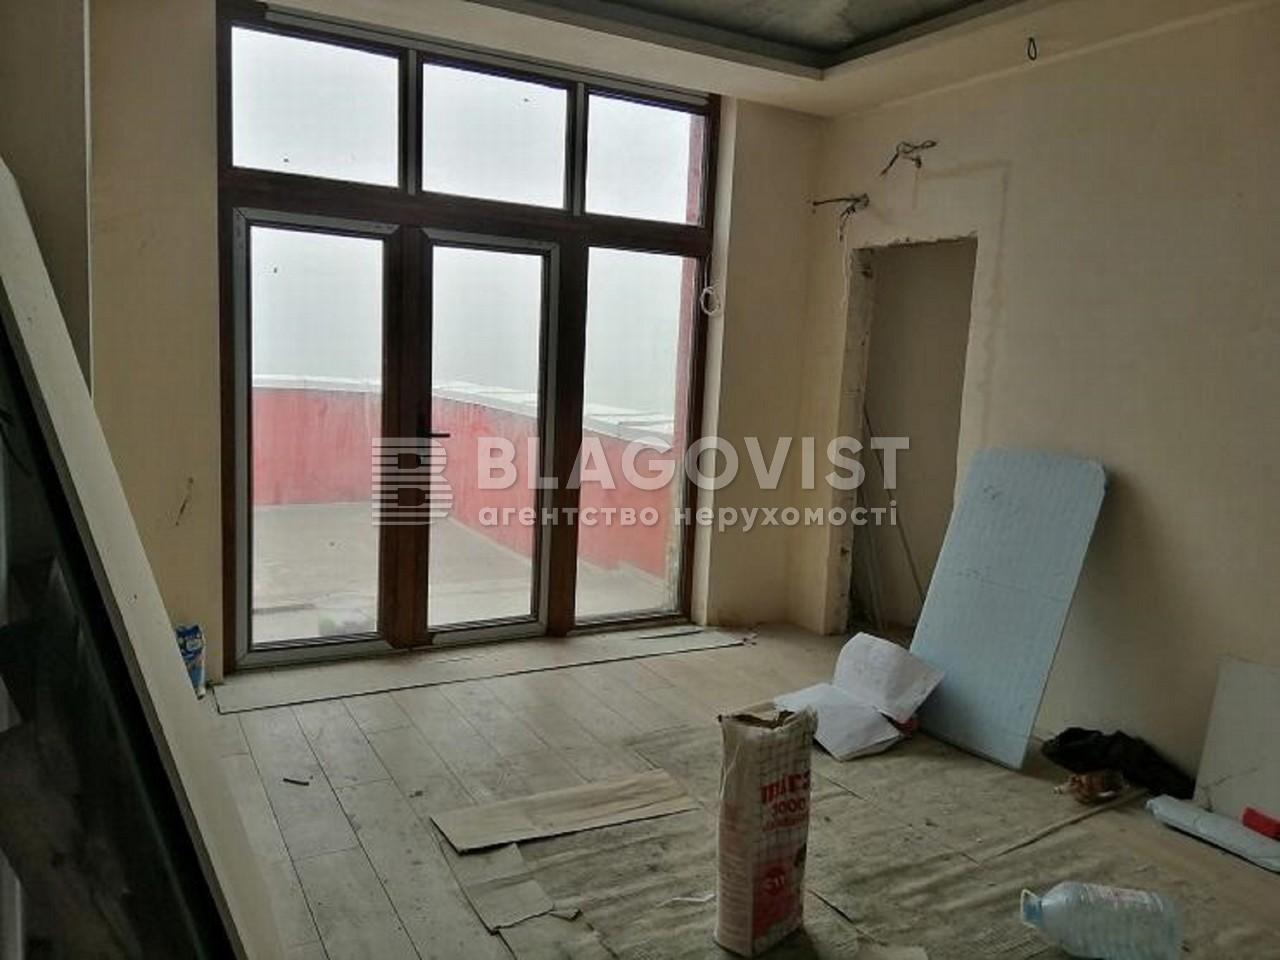 Нежилое помещение, Z-524061, Автозаводская, Киев - Фото 4